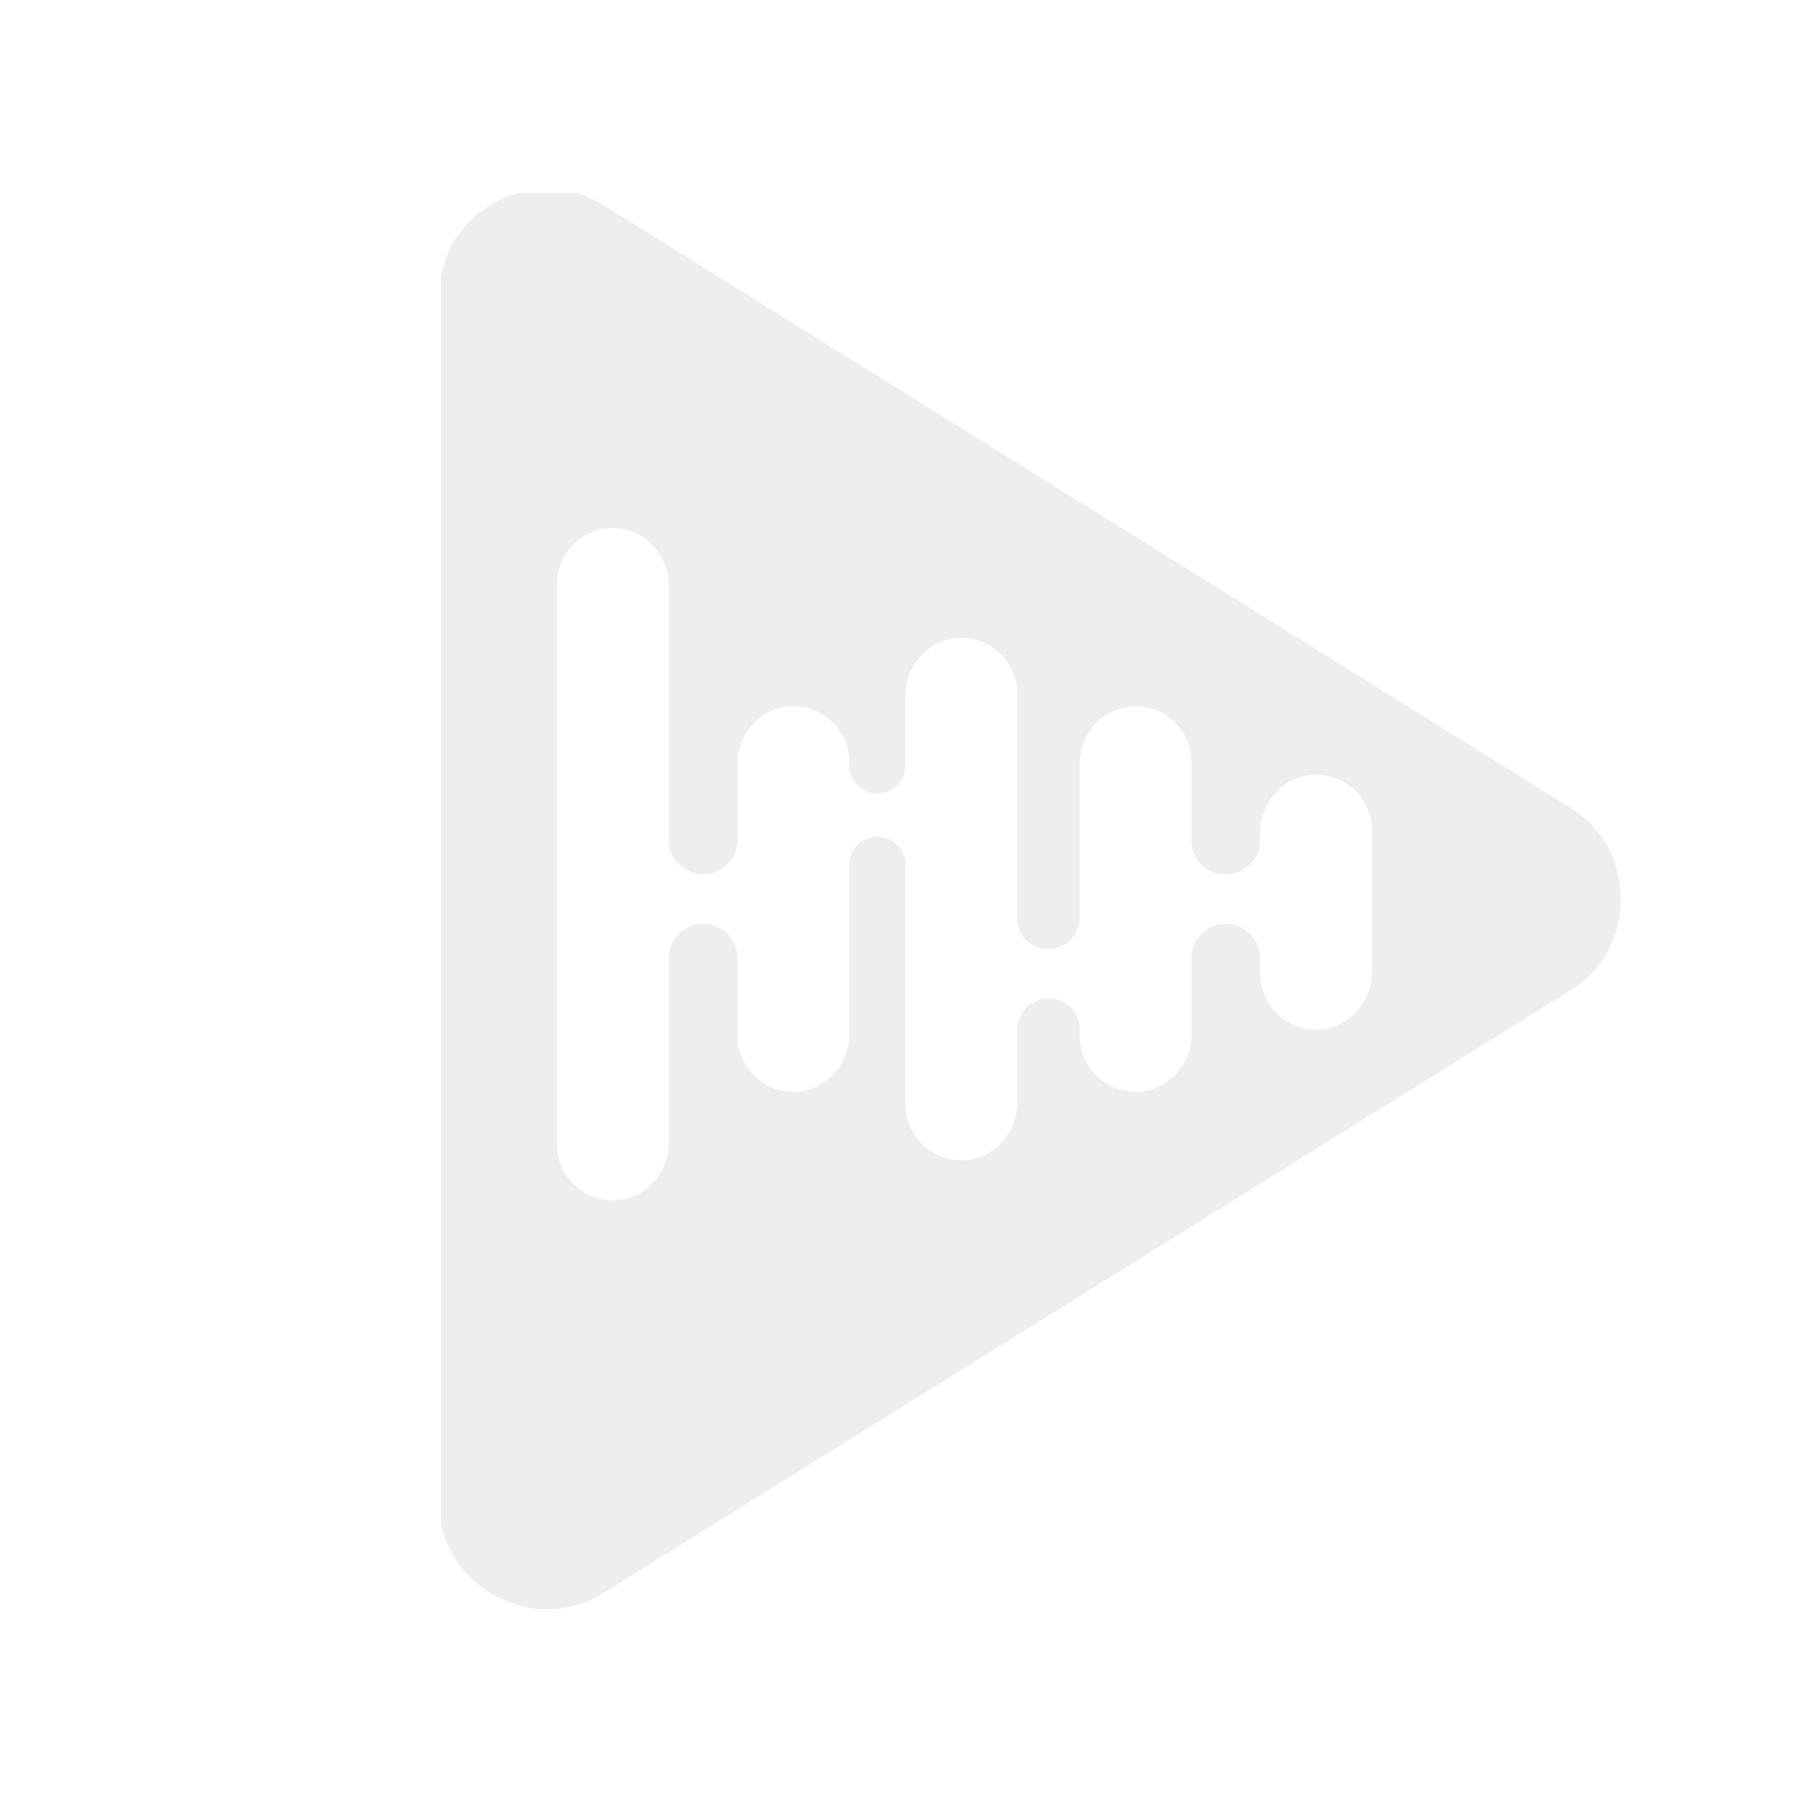 Grandview 148786 - Motor lerret Cyber, 77